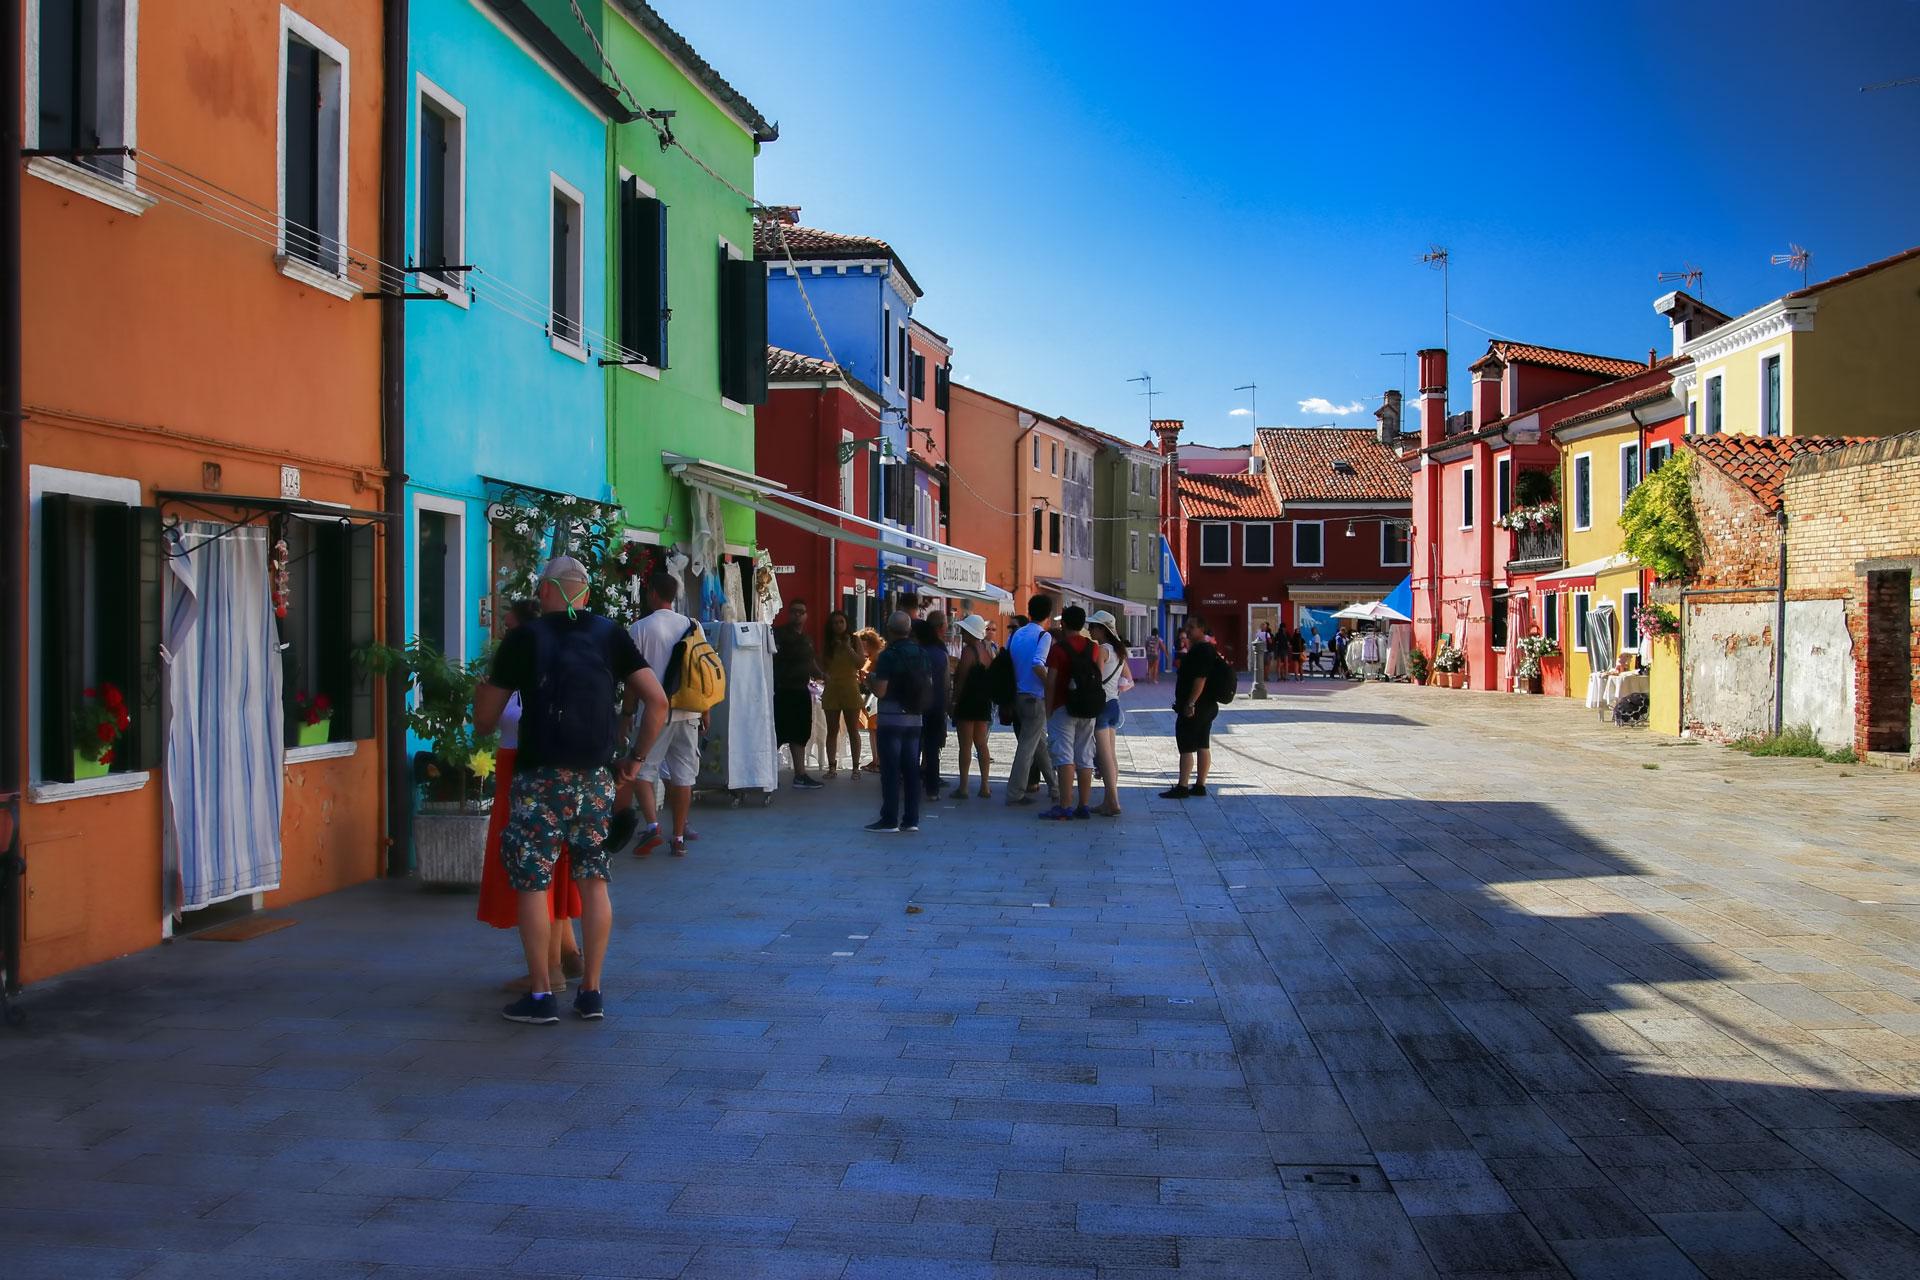 Murano Burano Fotoğrafları Italya Gezilecek Yerler Çekergezer Hakan Aydın Gezgin Fotoğrafçı www.hakanaydın.com.tr www.cekergezer.com